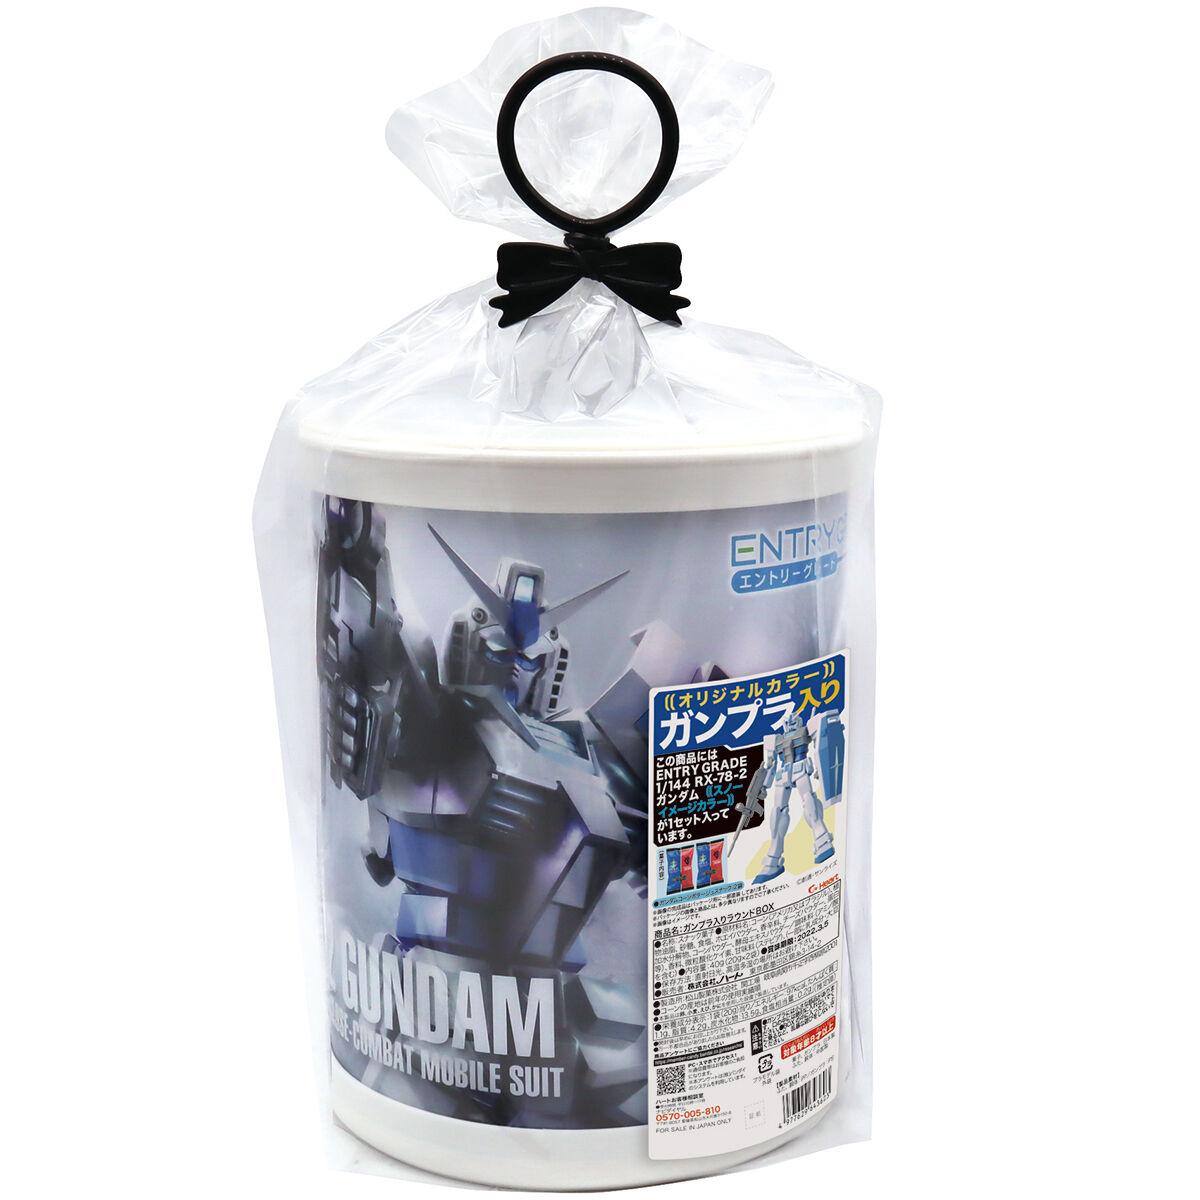 【限定販売】【食玩】ENTRY GRADE 1/144『ガンプラ入り ラウンドBOX』プラモデル-002